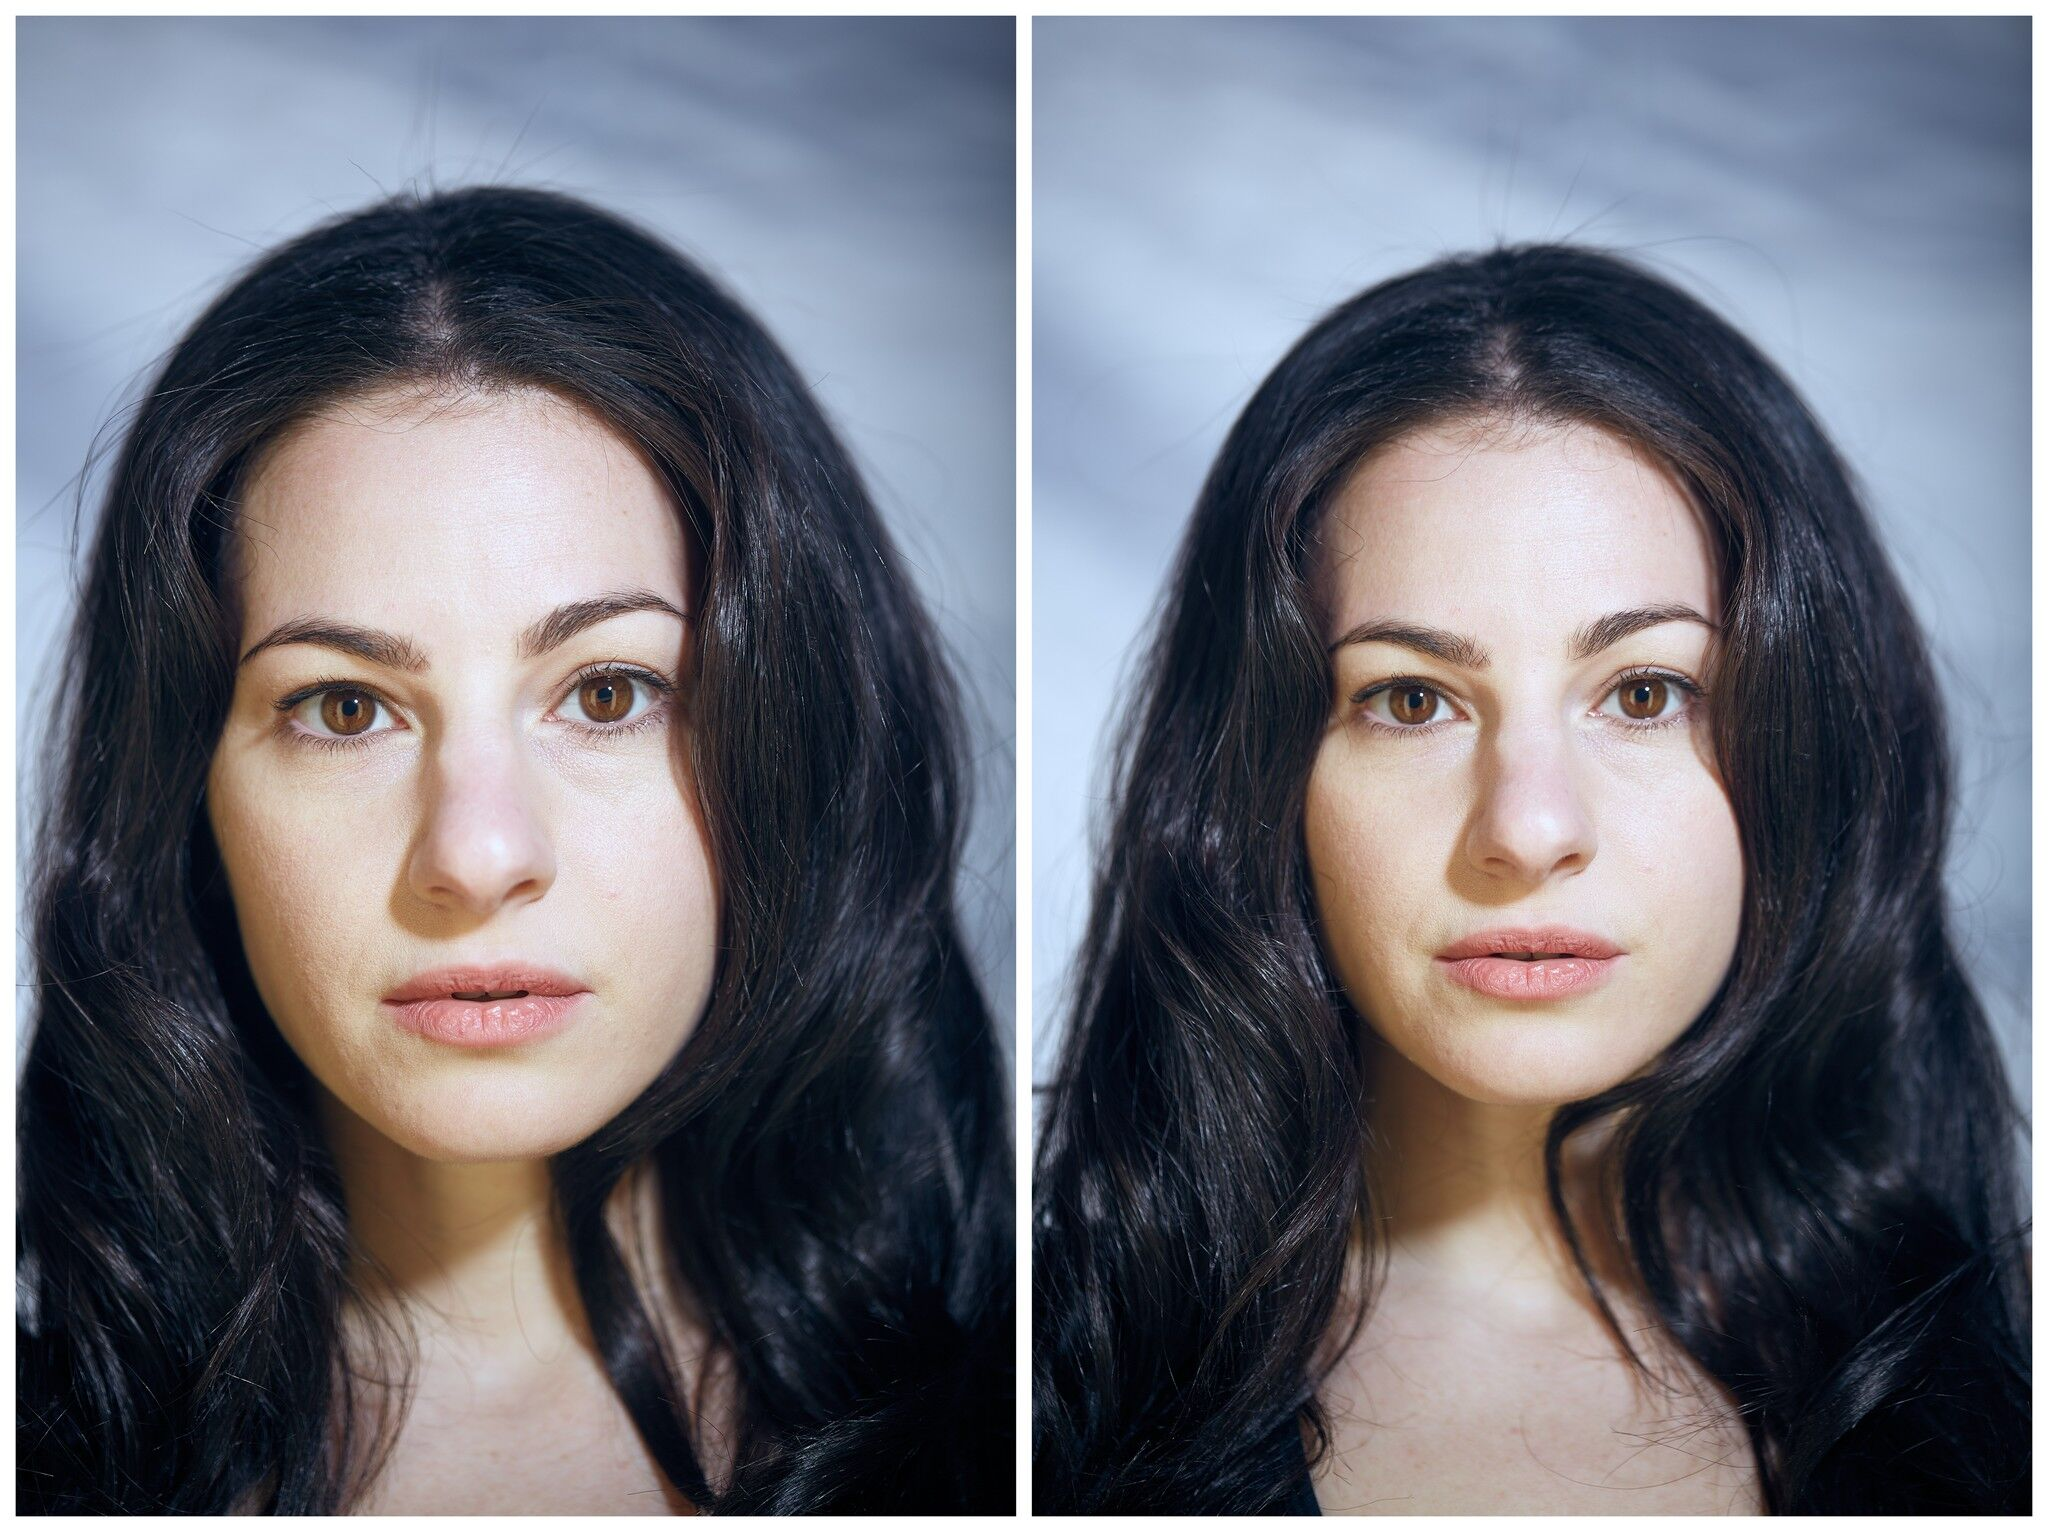 Série fotográfica mostra a diferença no rosto de uma pessoa quando ela está nua